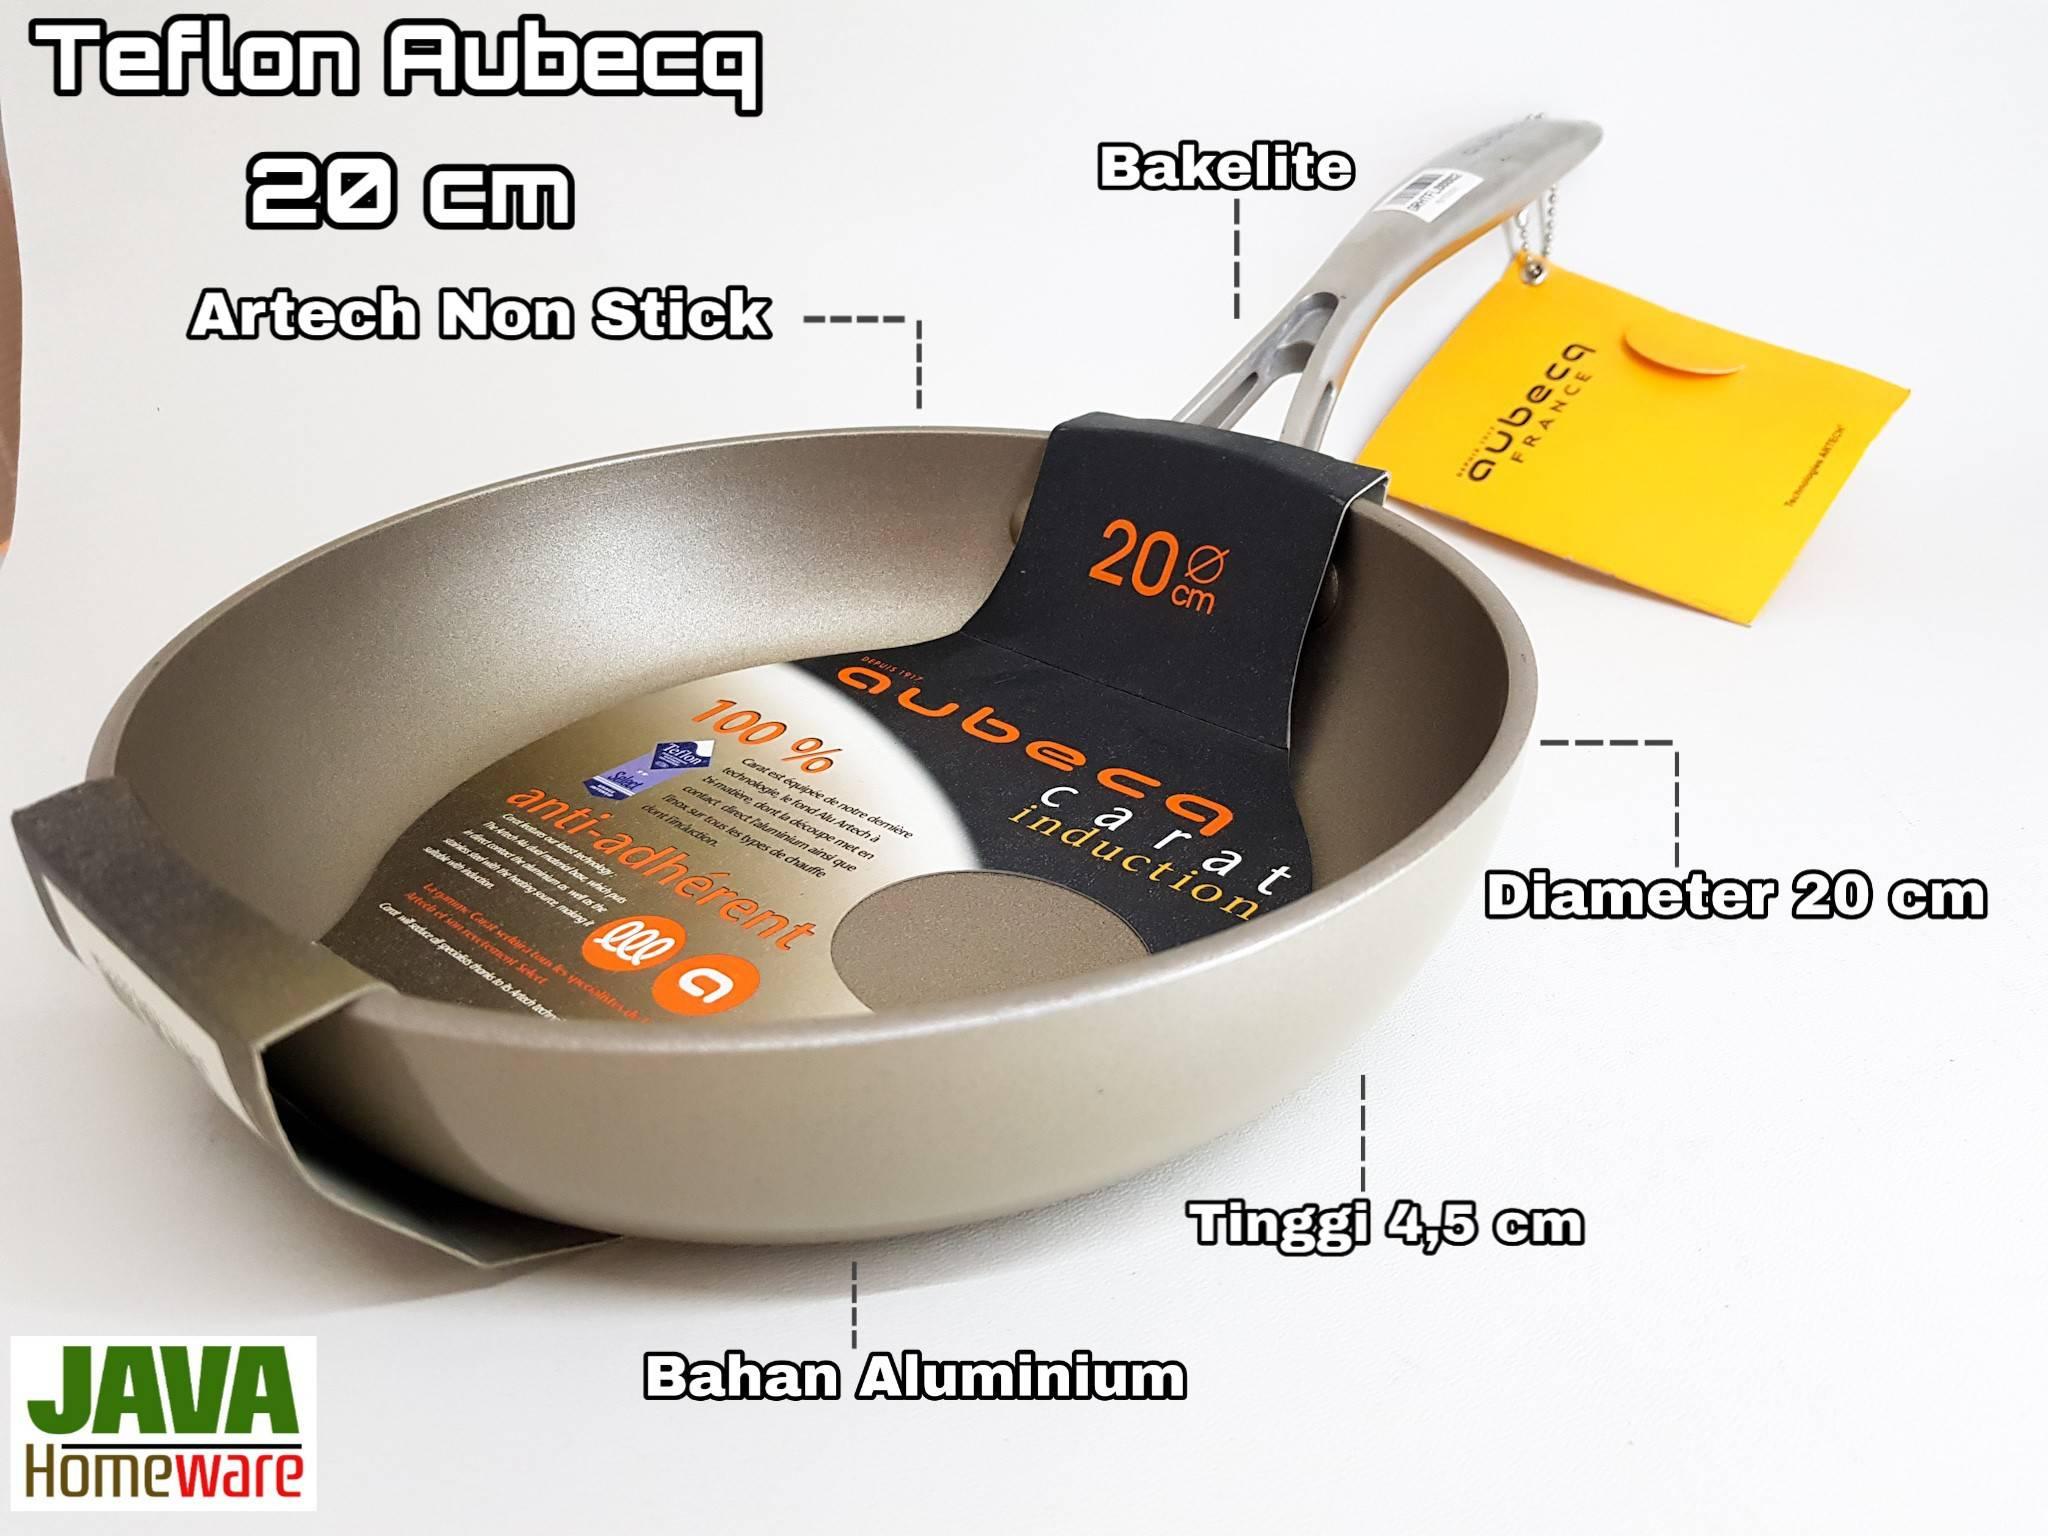 Teflon Aubecq carat induction 20cm